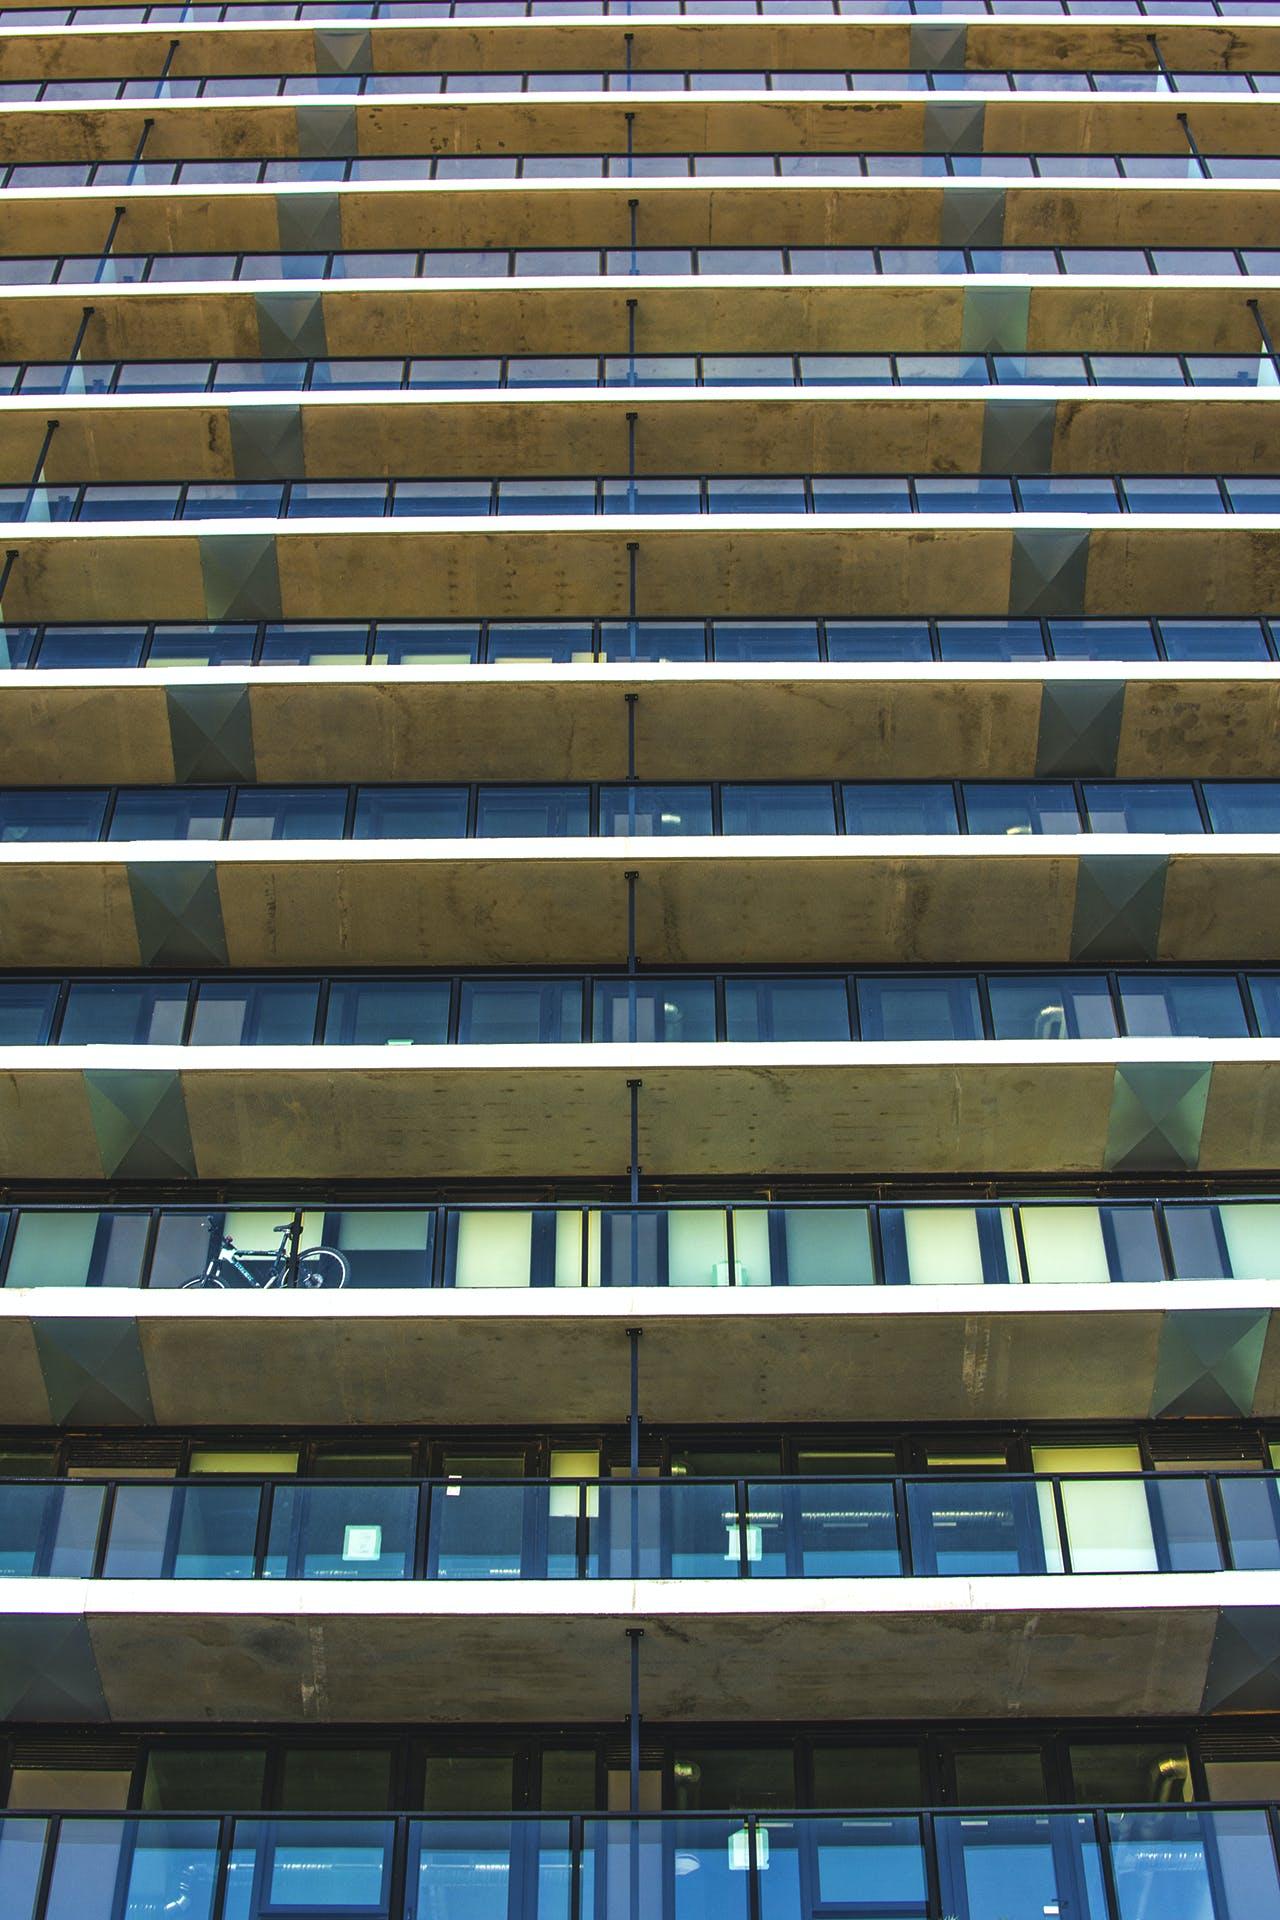 apartman binası, bakış açısı, bardak, bina içeren Ücretsiz stok fotoğraf